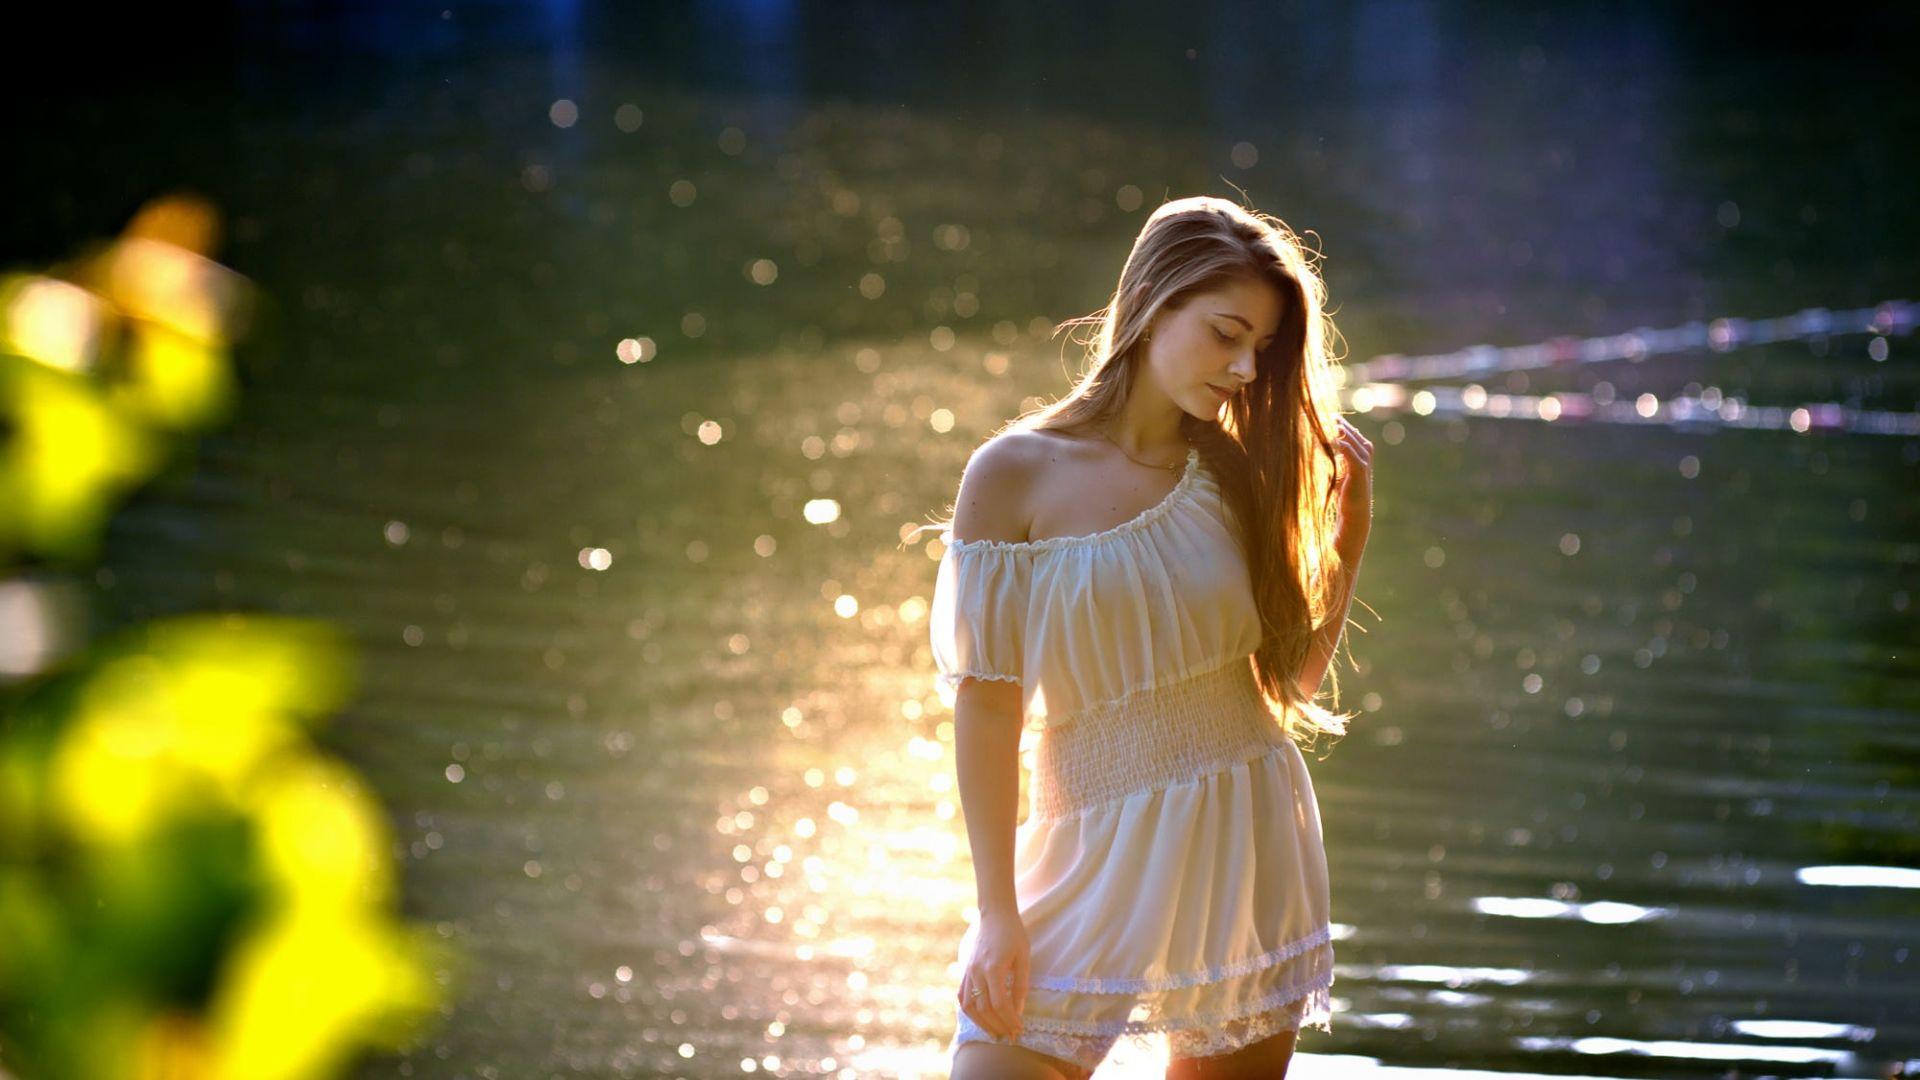 Sunlight, girl model, looking down, white dress